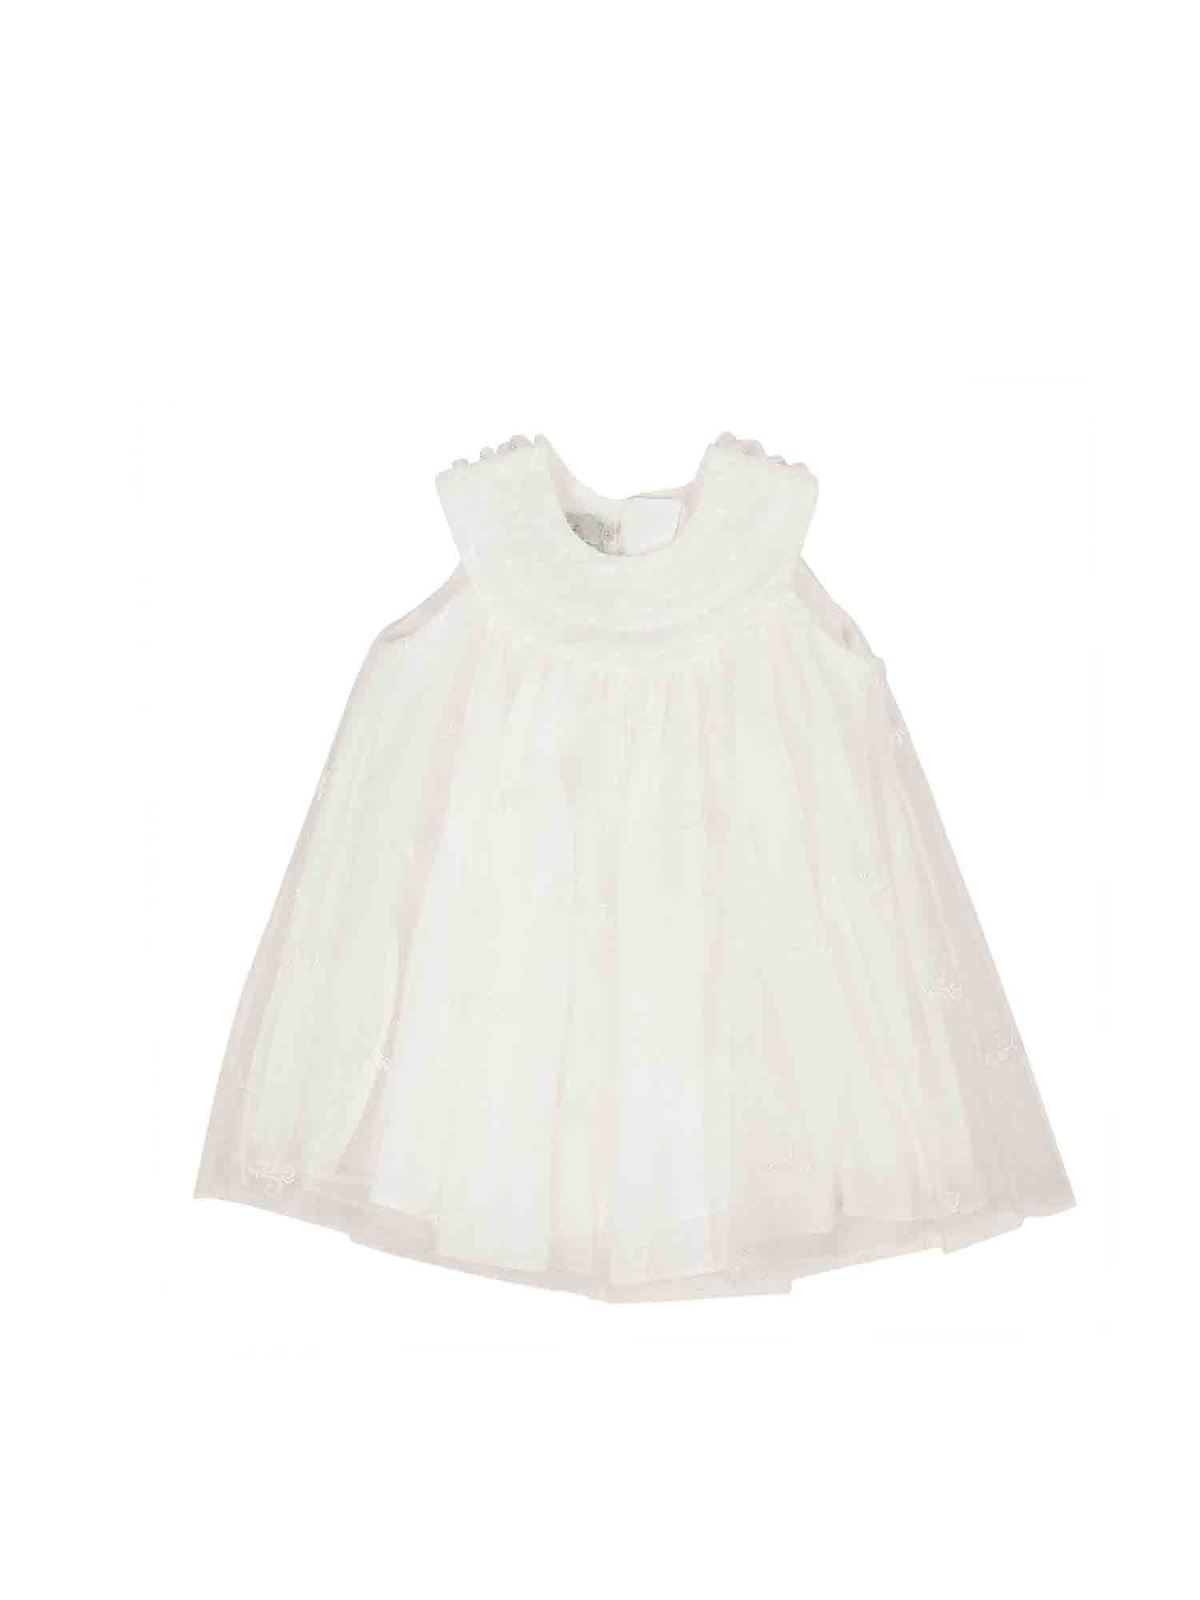 baby dior - kleid - weiß - kleider - 0sbh31drsa013 | ikrix